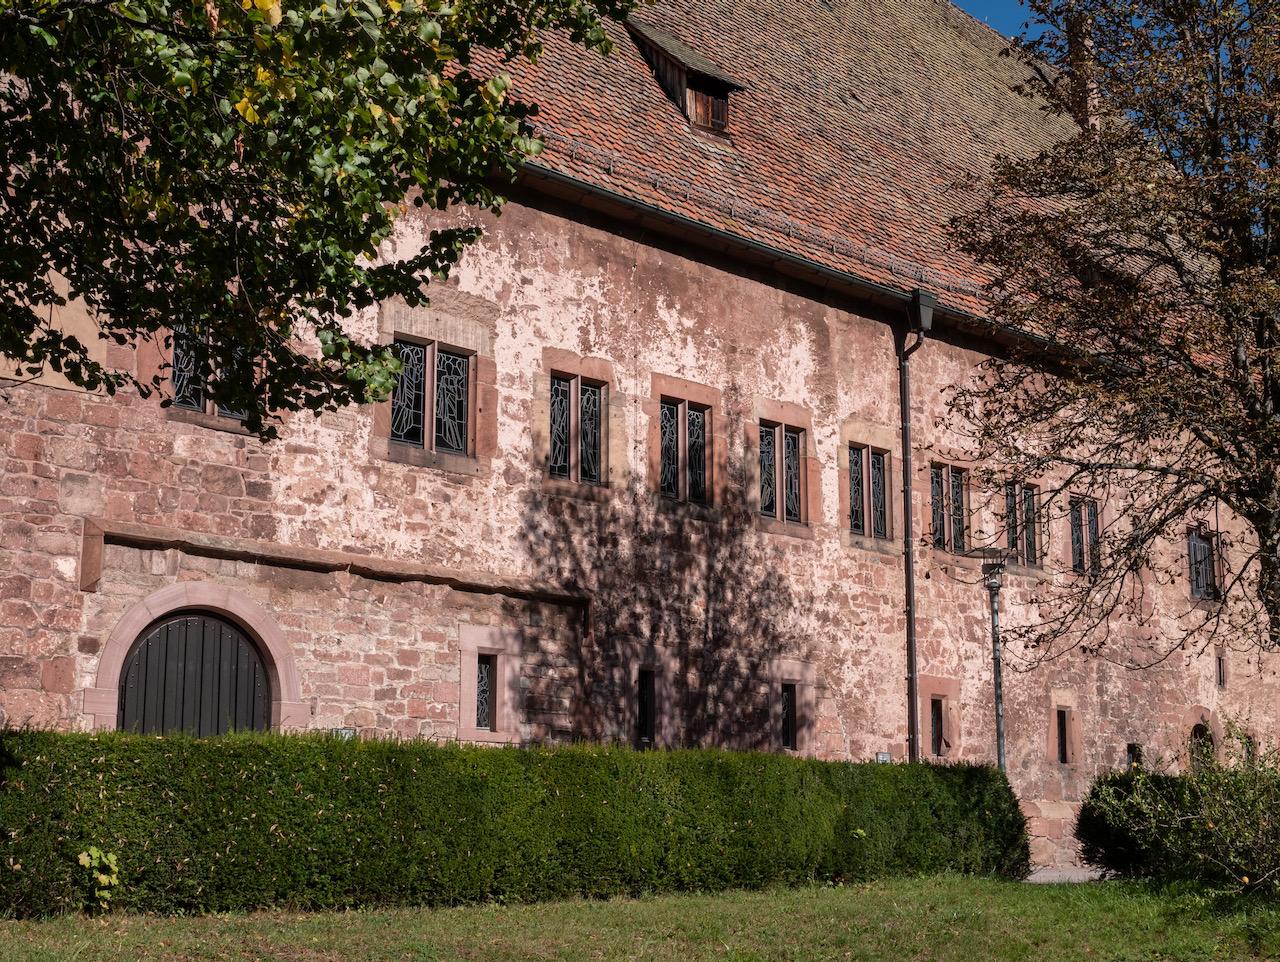 Außenansicht des Südwestflügels von Kloster Alpirsbach, in dessen ehemaligem Refektorium die Kirche untergebracht ist